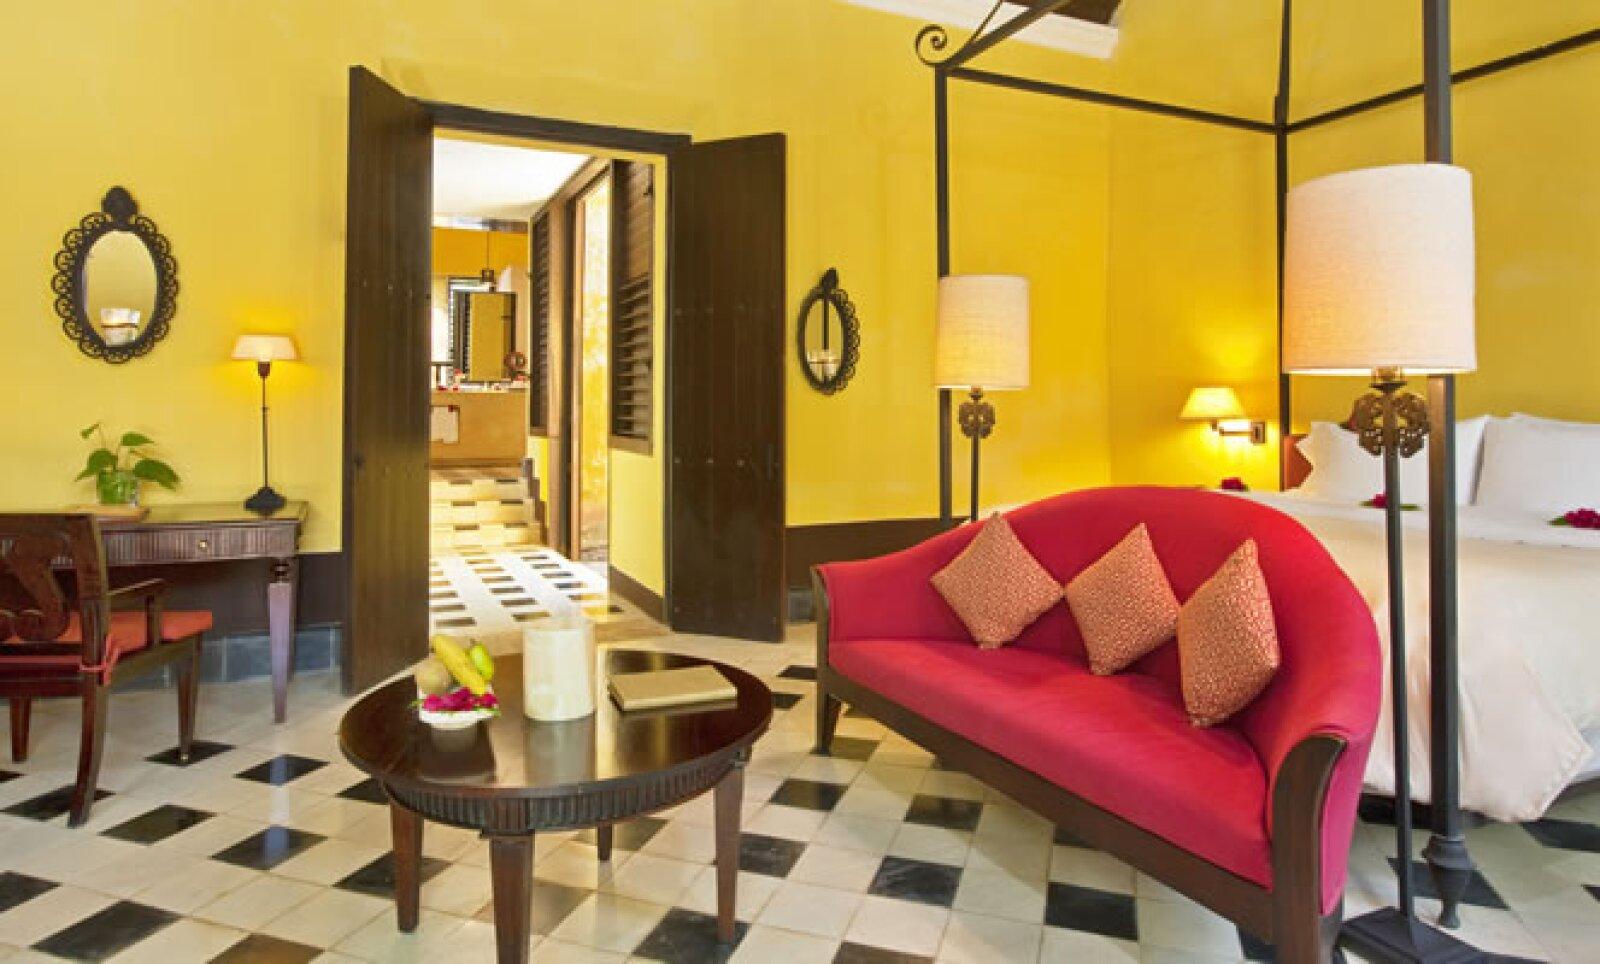 Todas las suites cuentan con techos de 5.5 metros de altura con vigas expuestas, puertas dobles de madera de 3 metros de altura, camas de hierro macizo, armarios de madera tropical oscura, pisos de losa y una piscina privada.